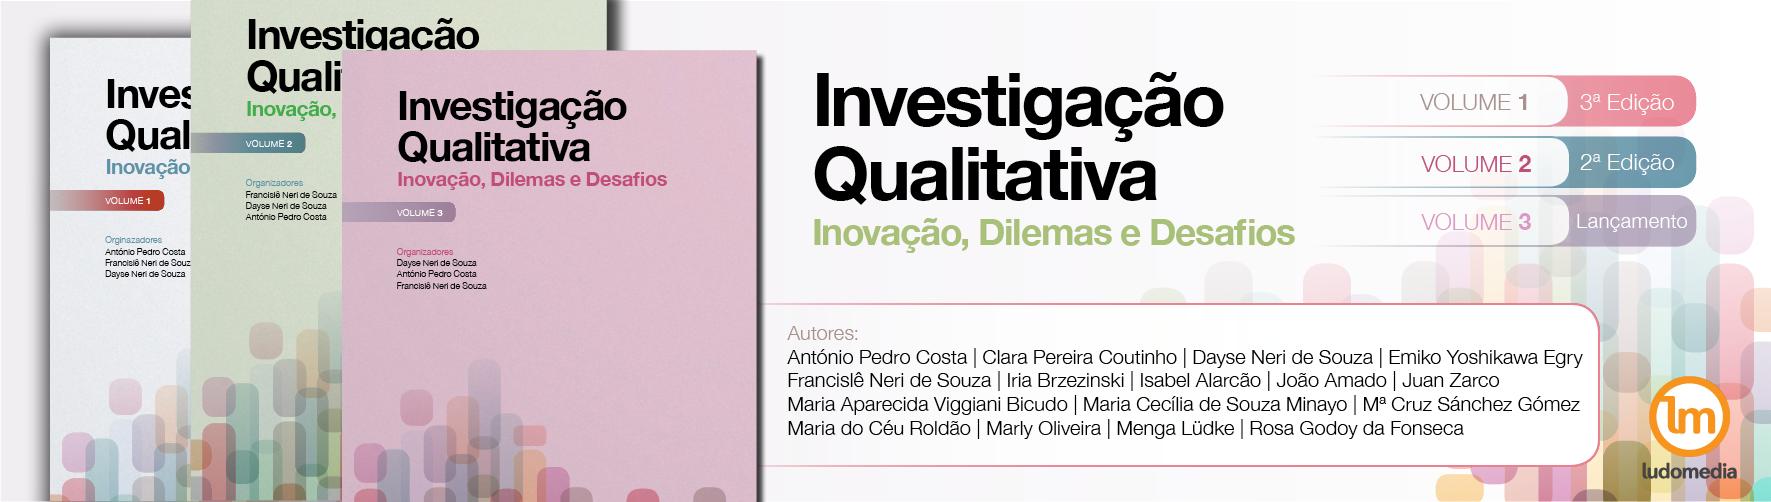 Livros Investigação Qualitativa